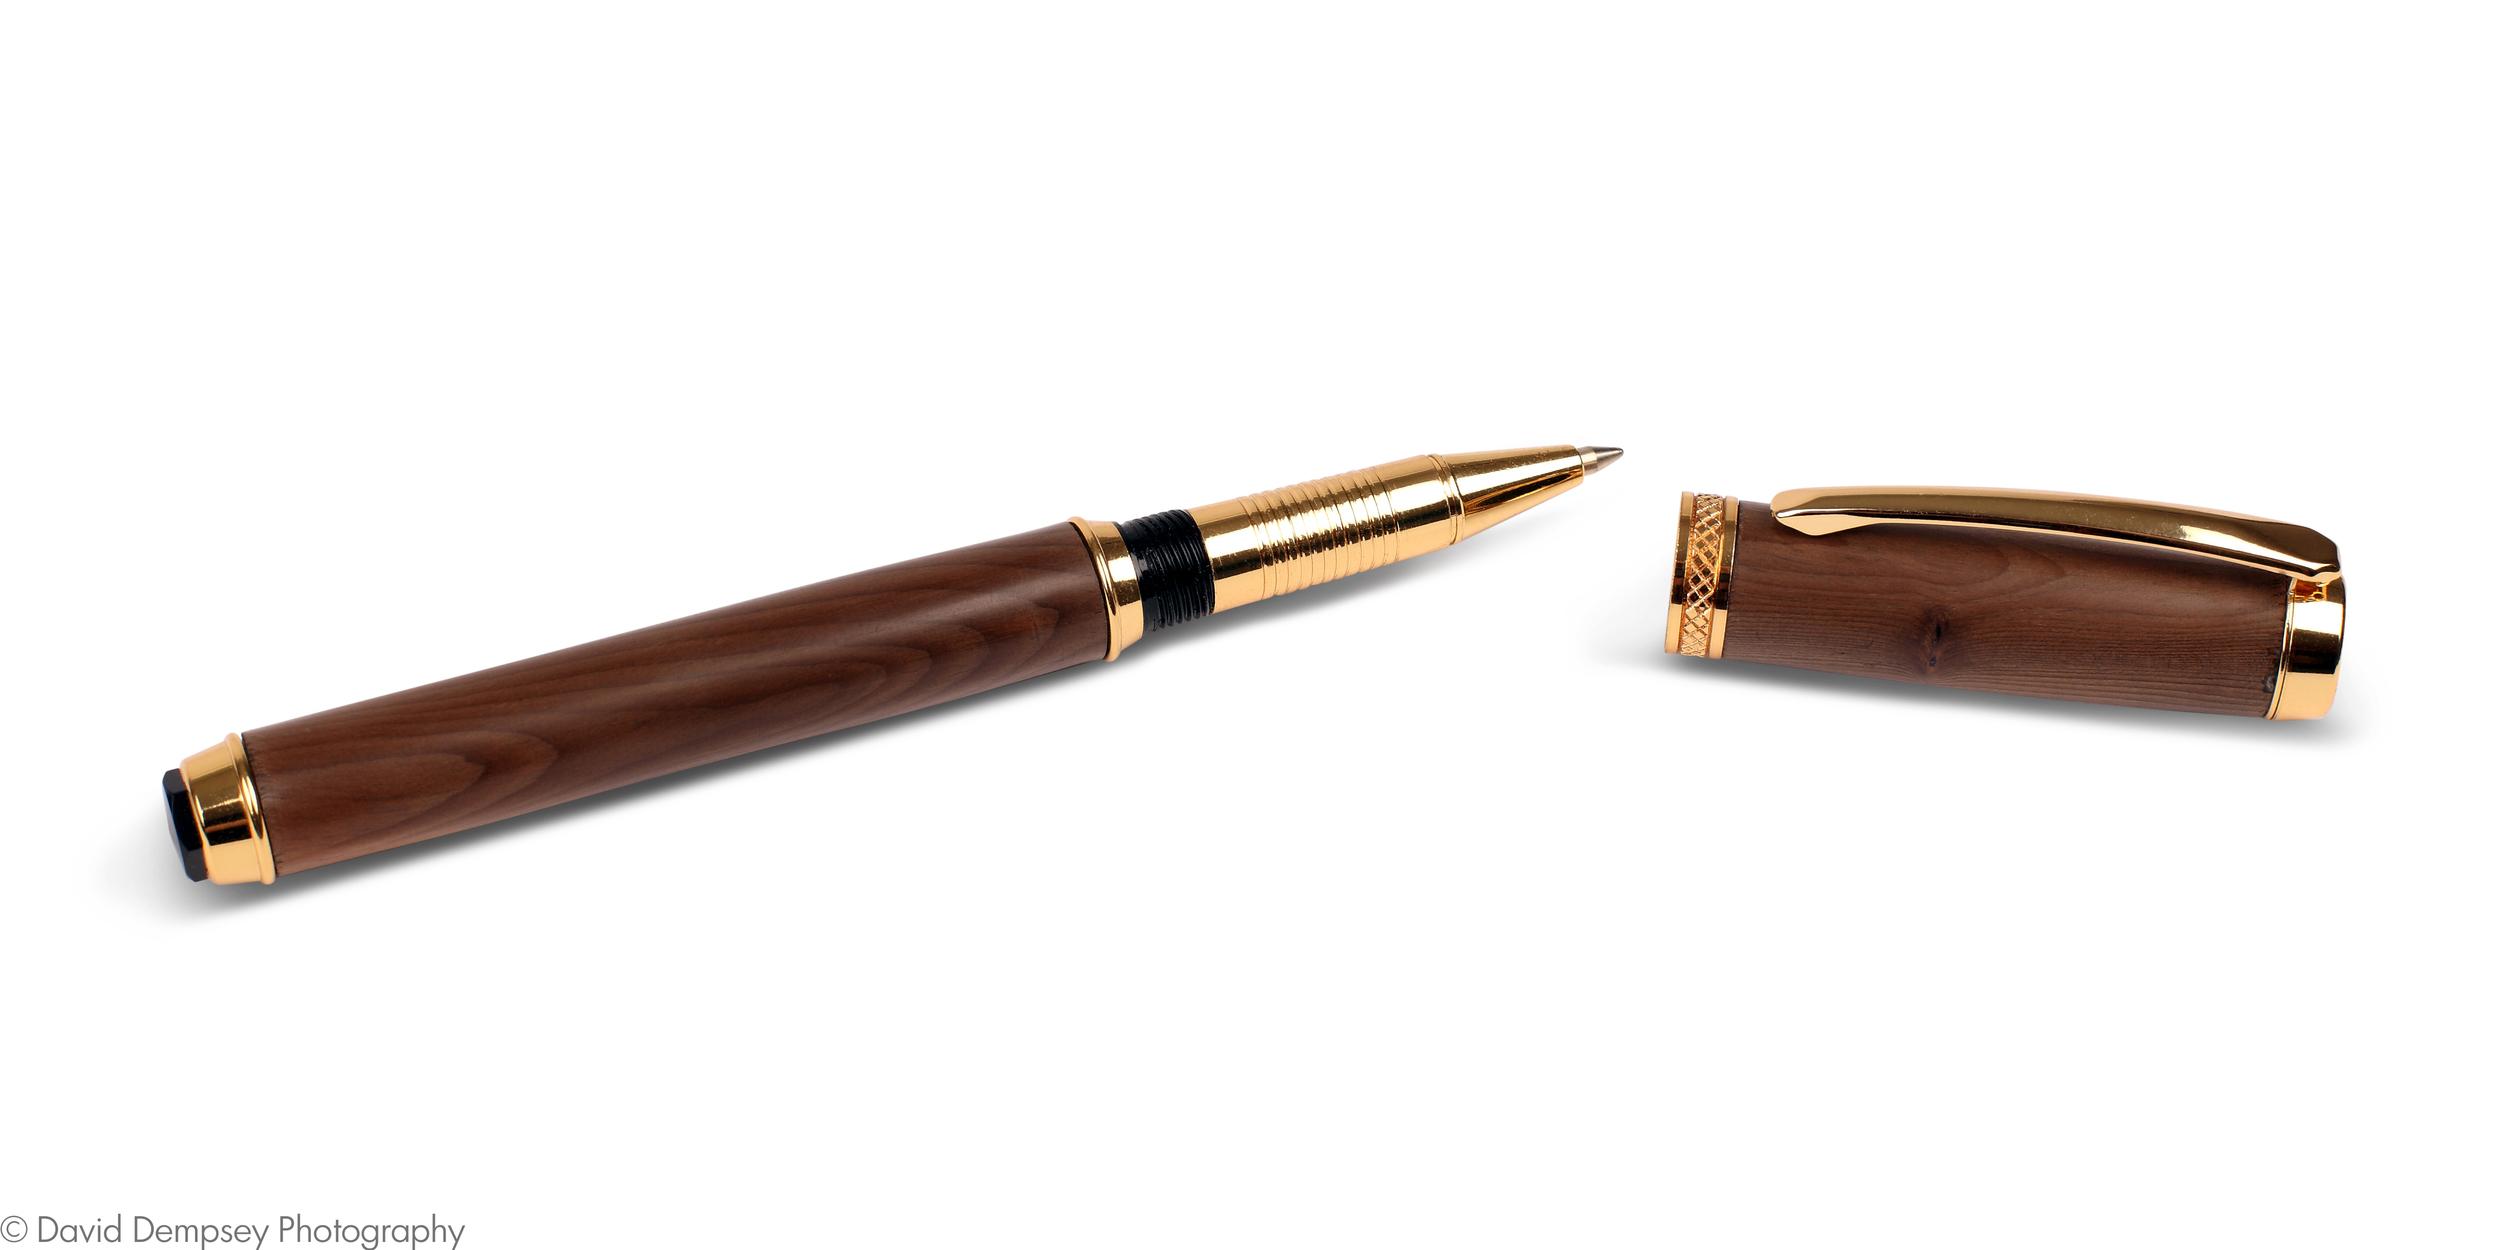 Walnut pen - open